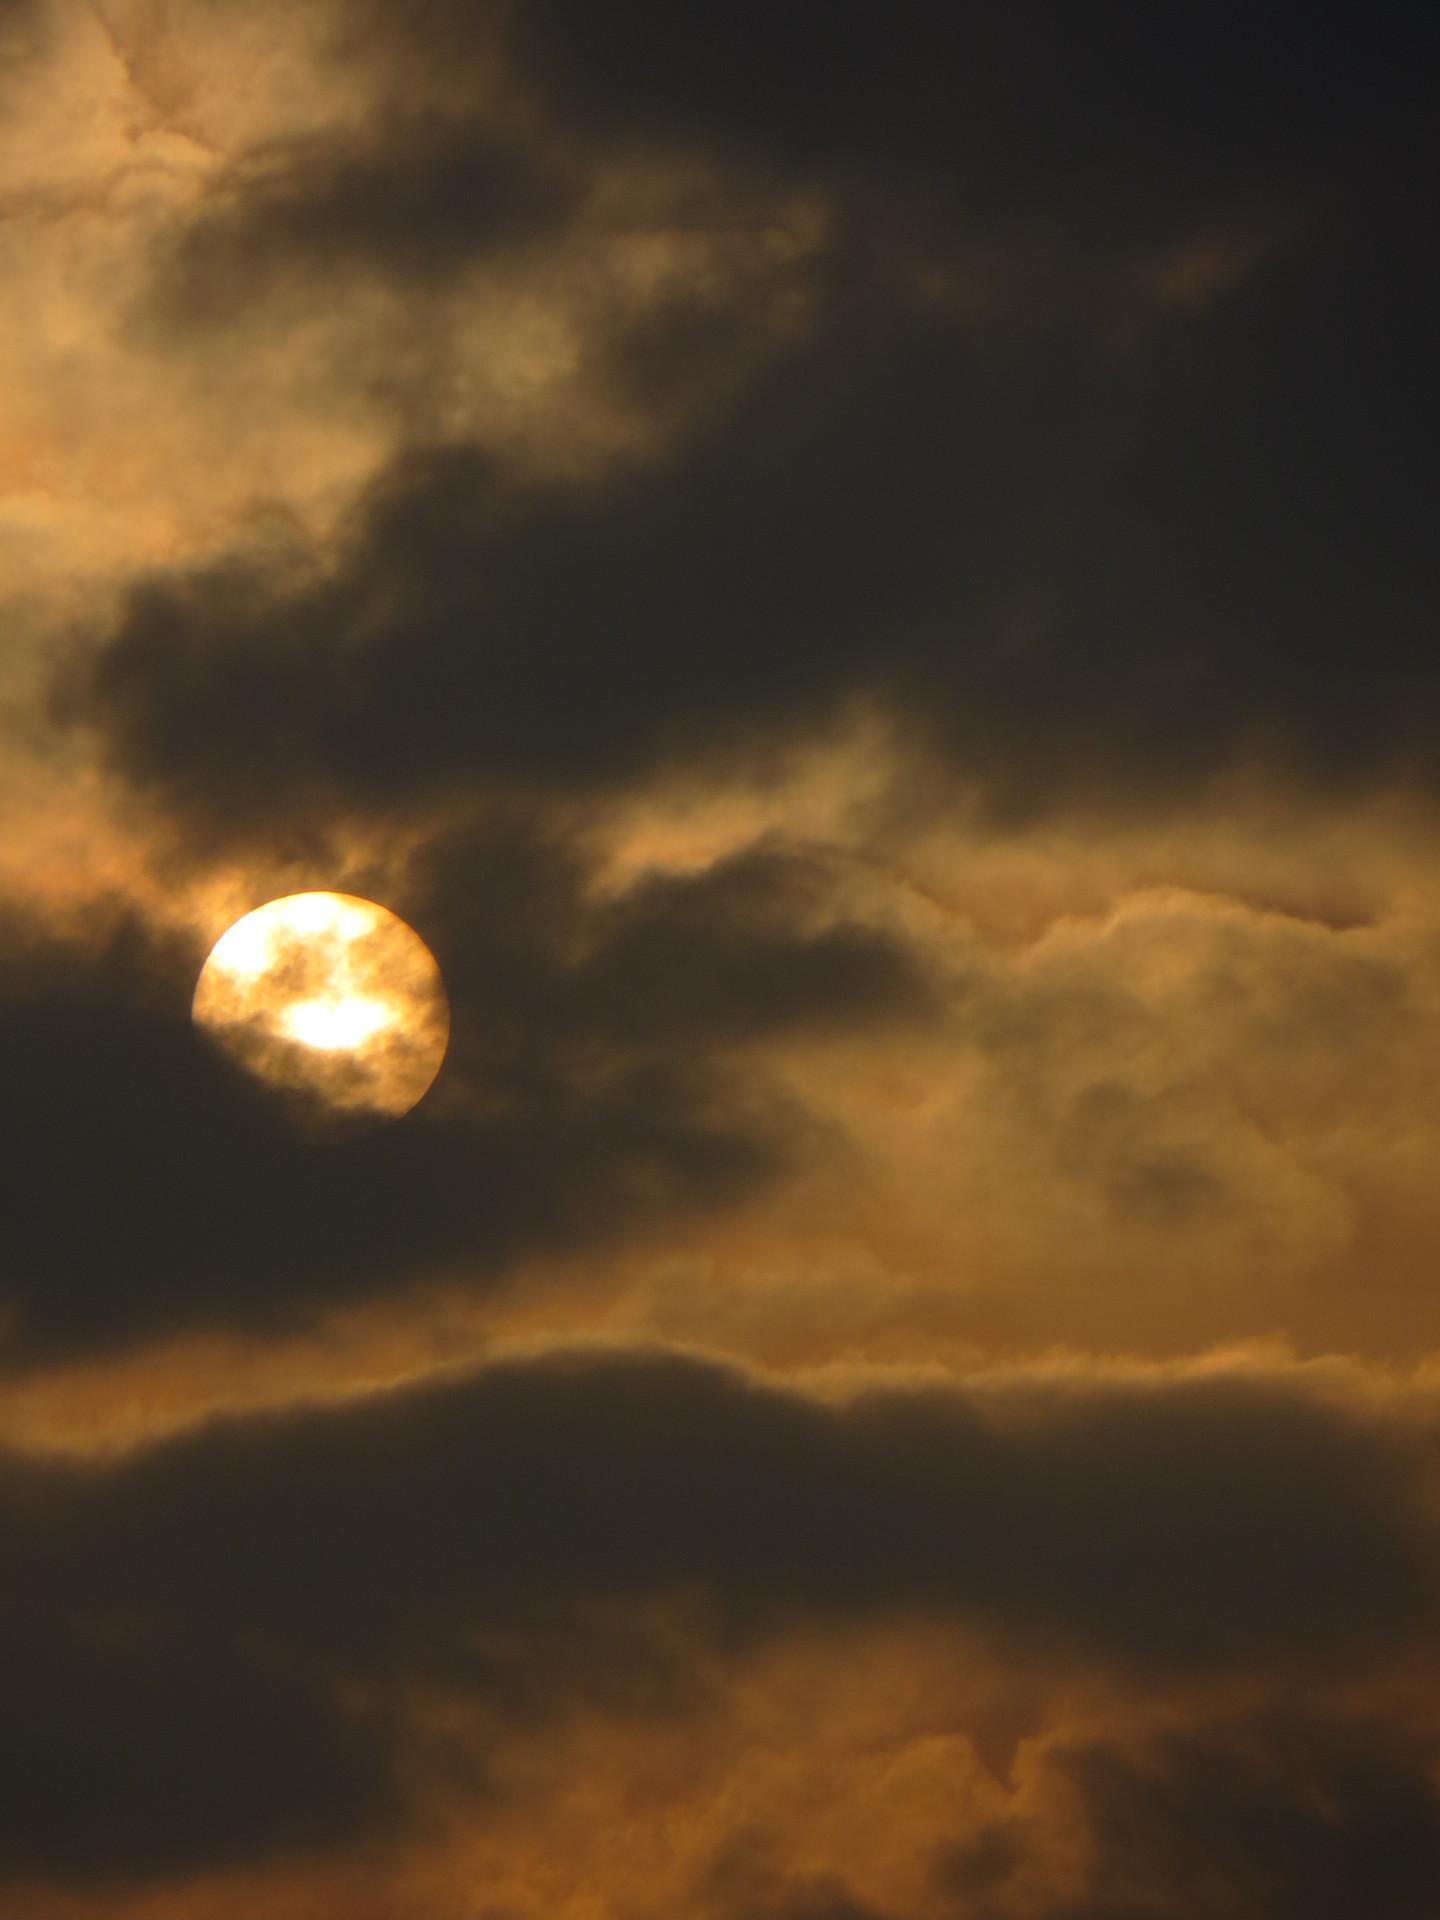 Soleil et nuages gris sur fond or